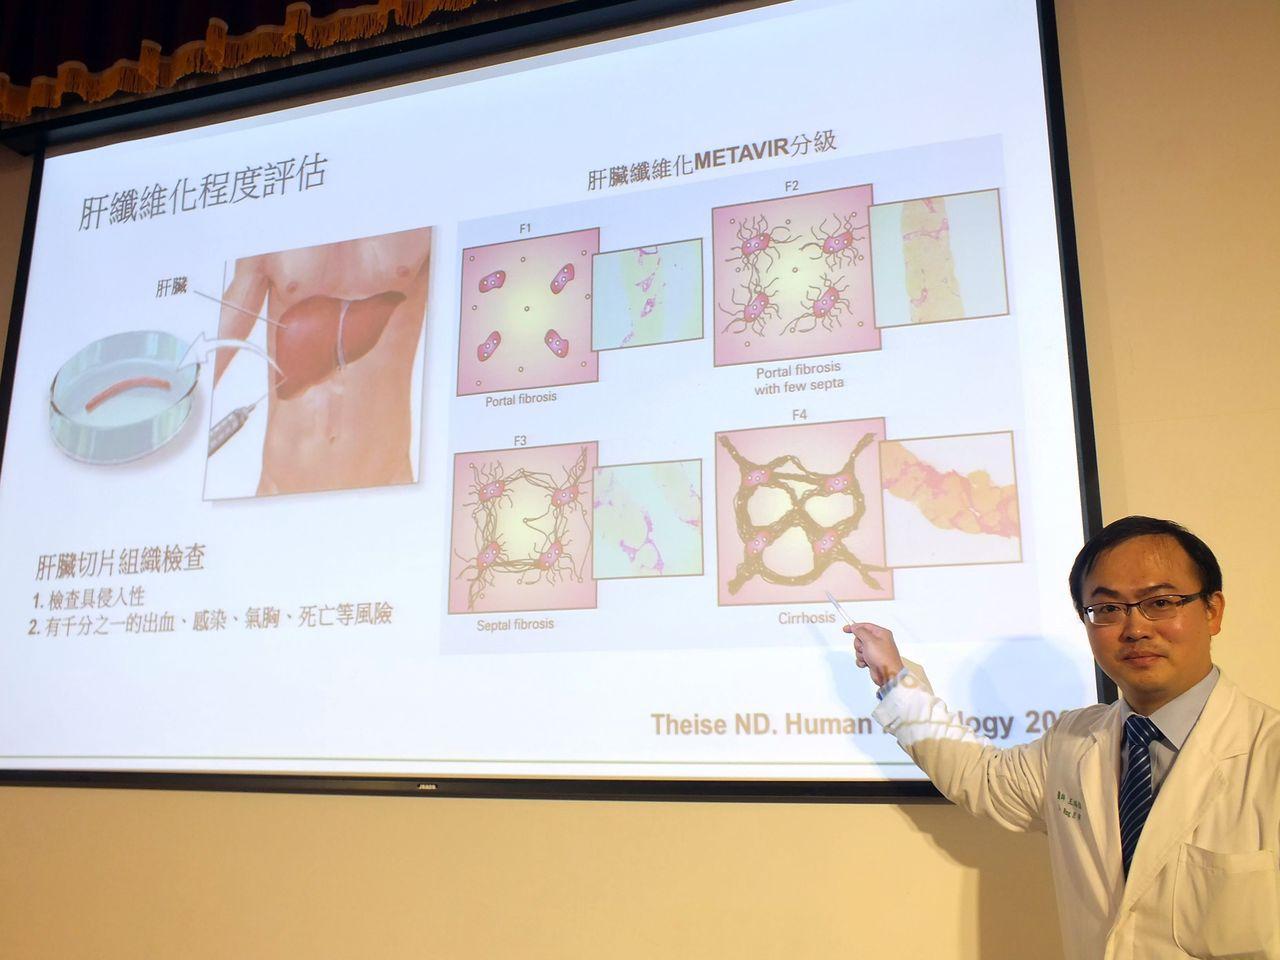 醫師王鴻偉說明,中國醫藥大學附設醫院消化醫學中心醫療團隊最新研究成果,獲美國感染...